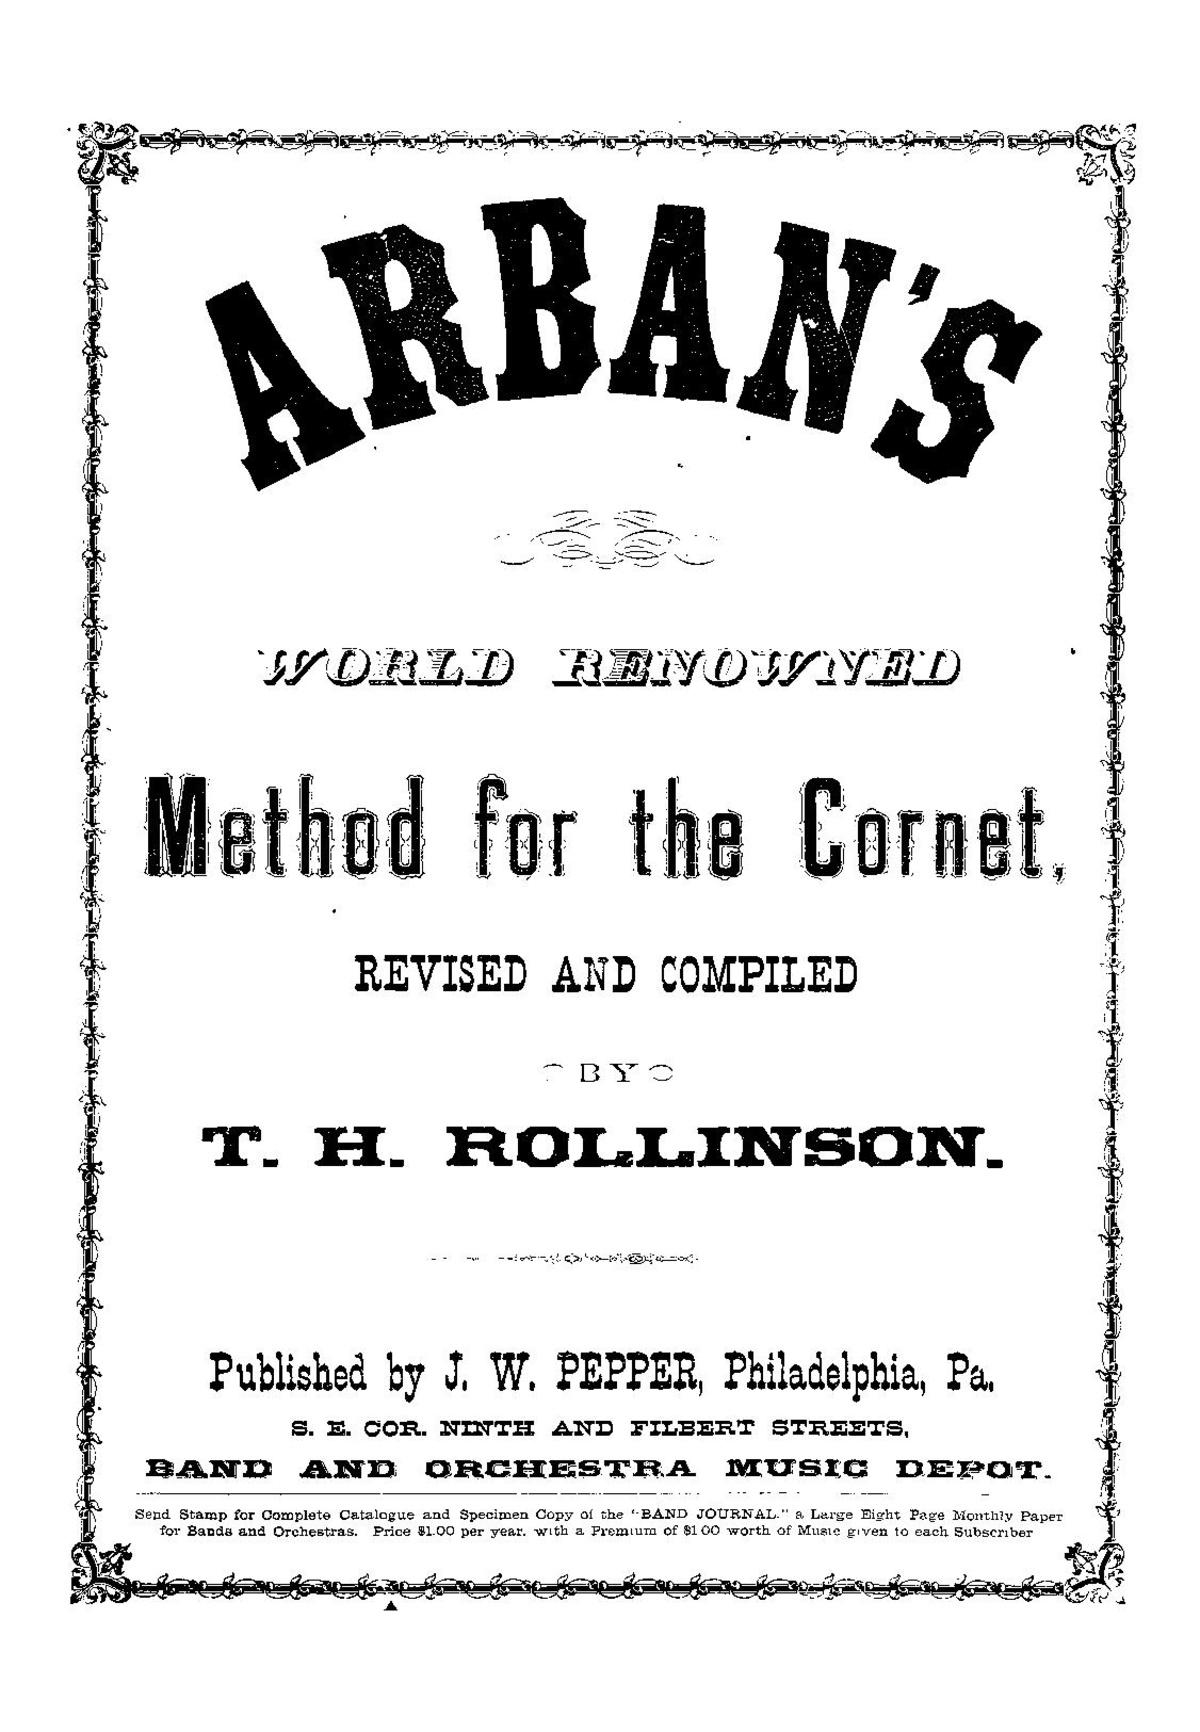 Arban method - Wikipedia